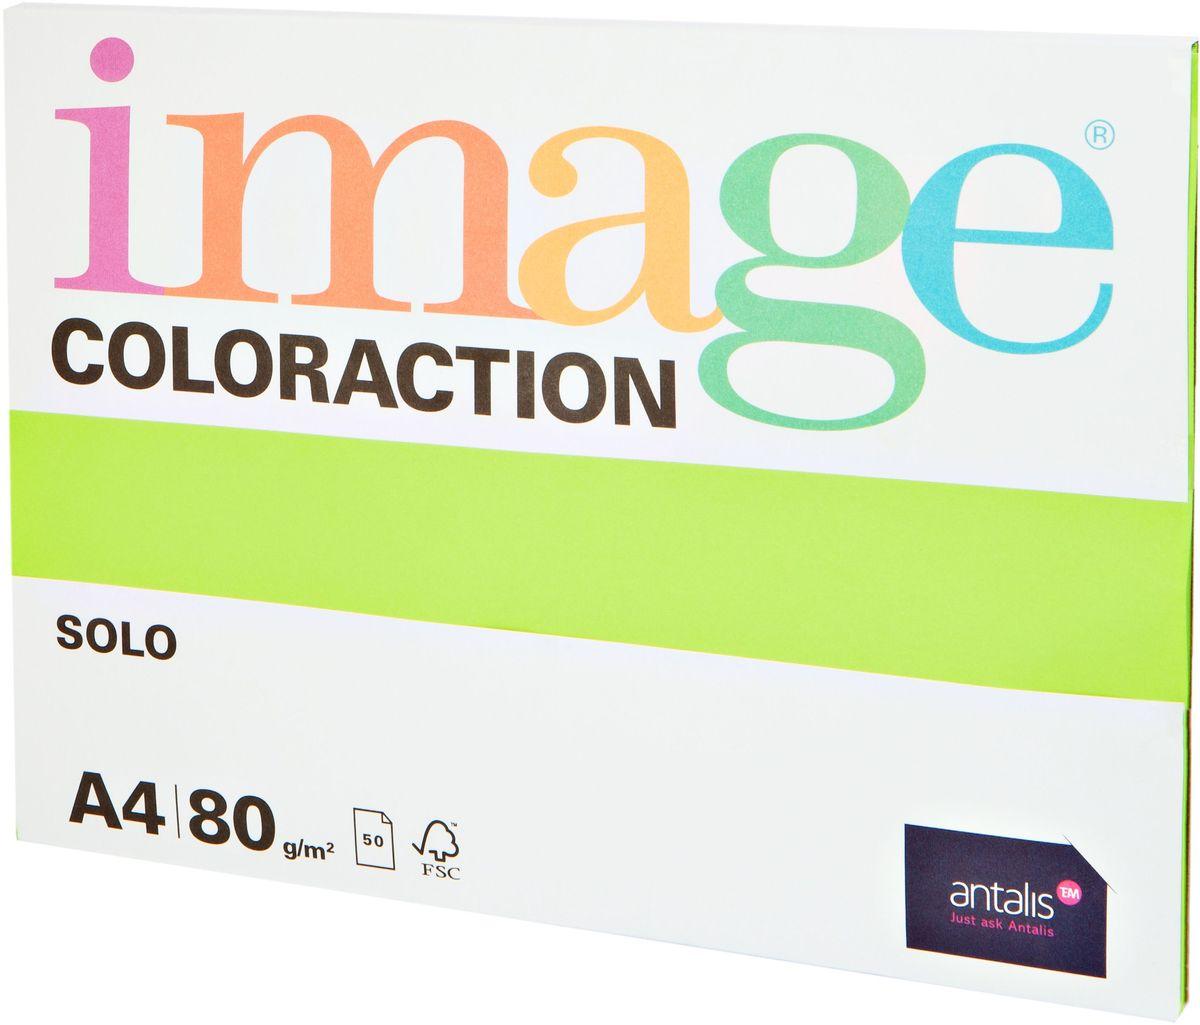 Image Бумага для принтера цветная Coloraction формат А4 50 листов цвет салатовый